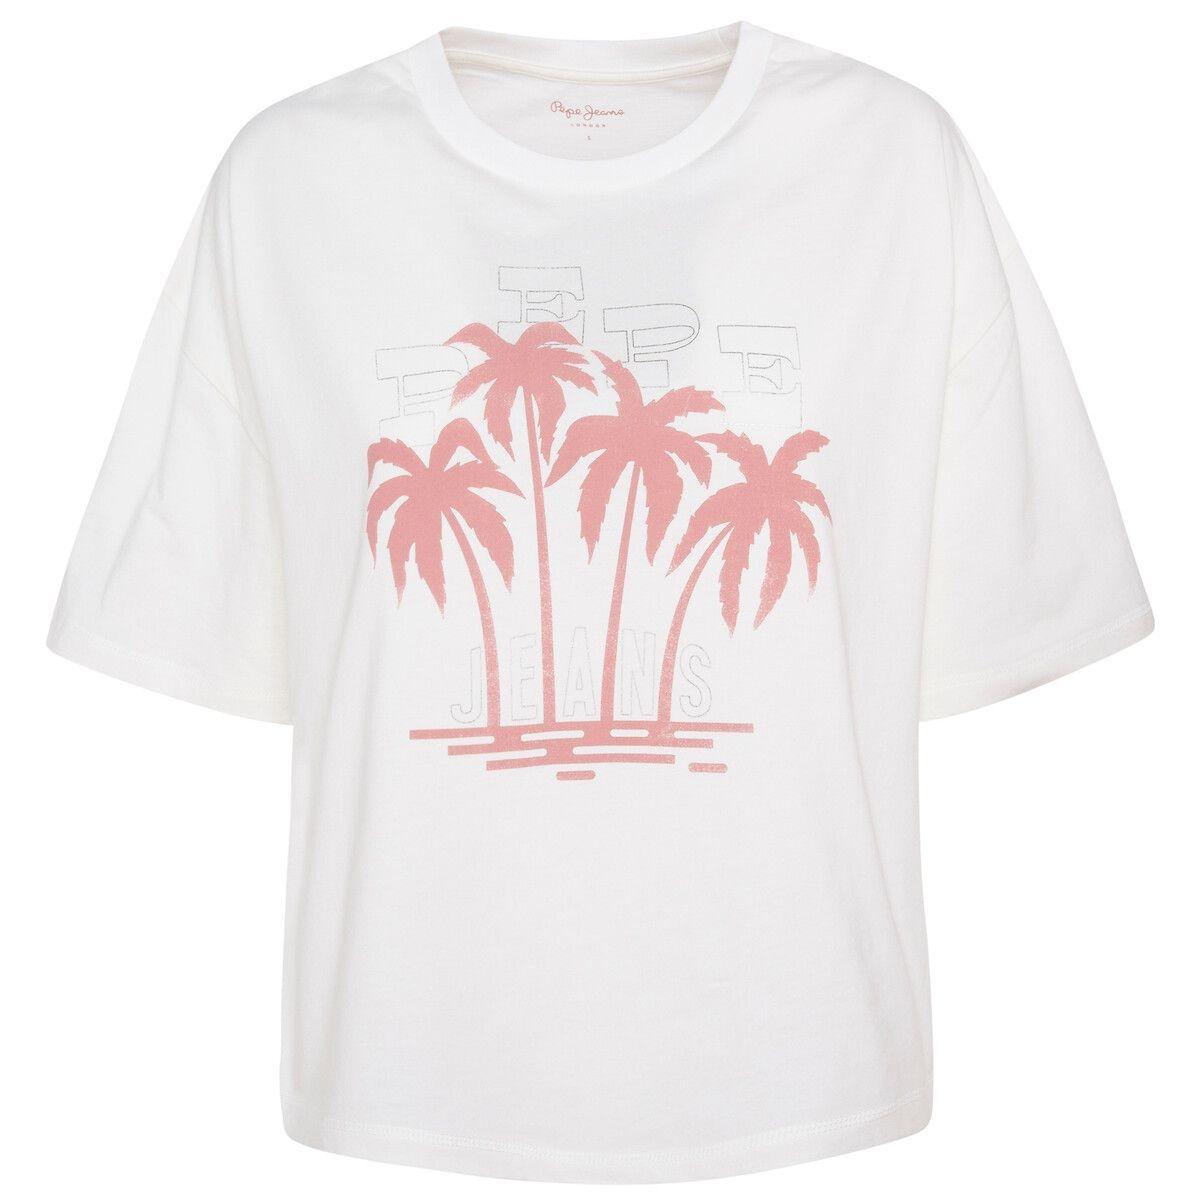 T-shirt manches courtes, imprimé devant